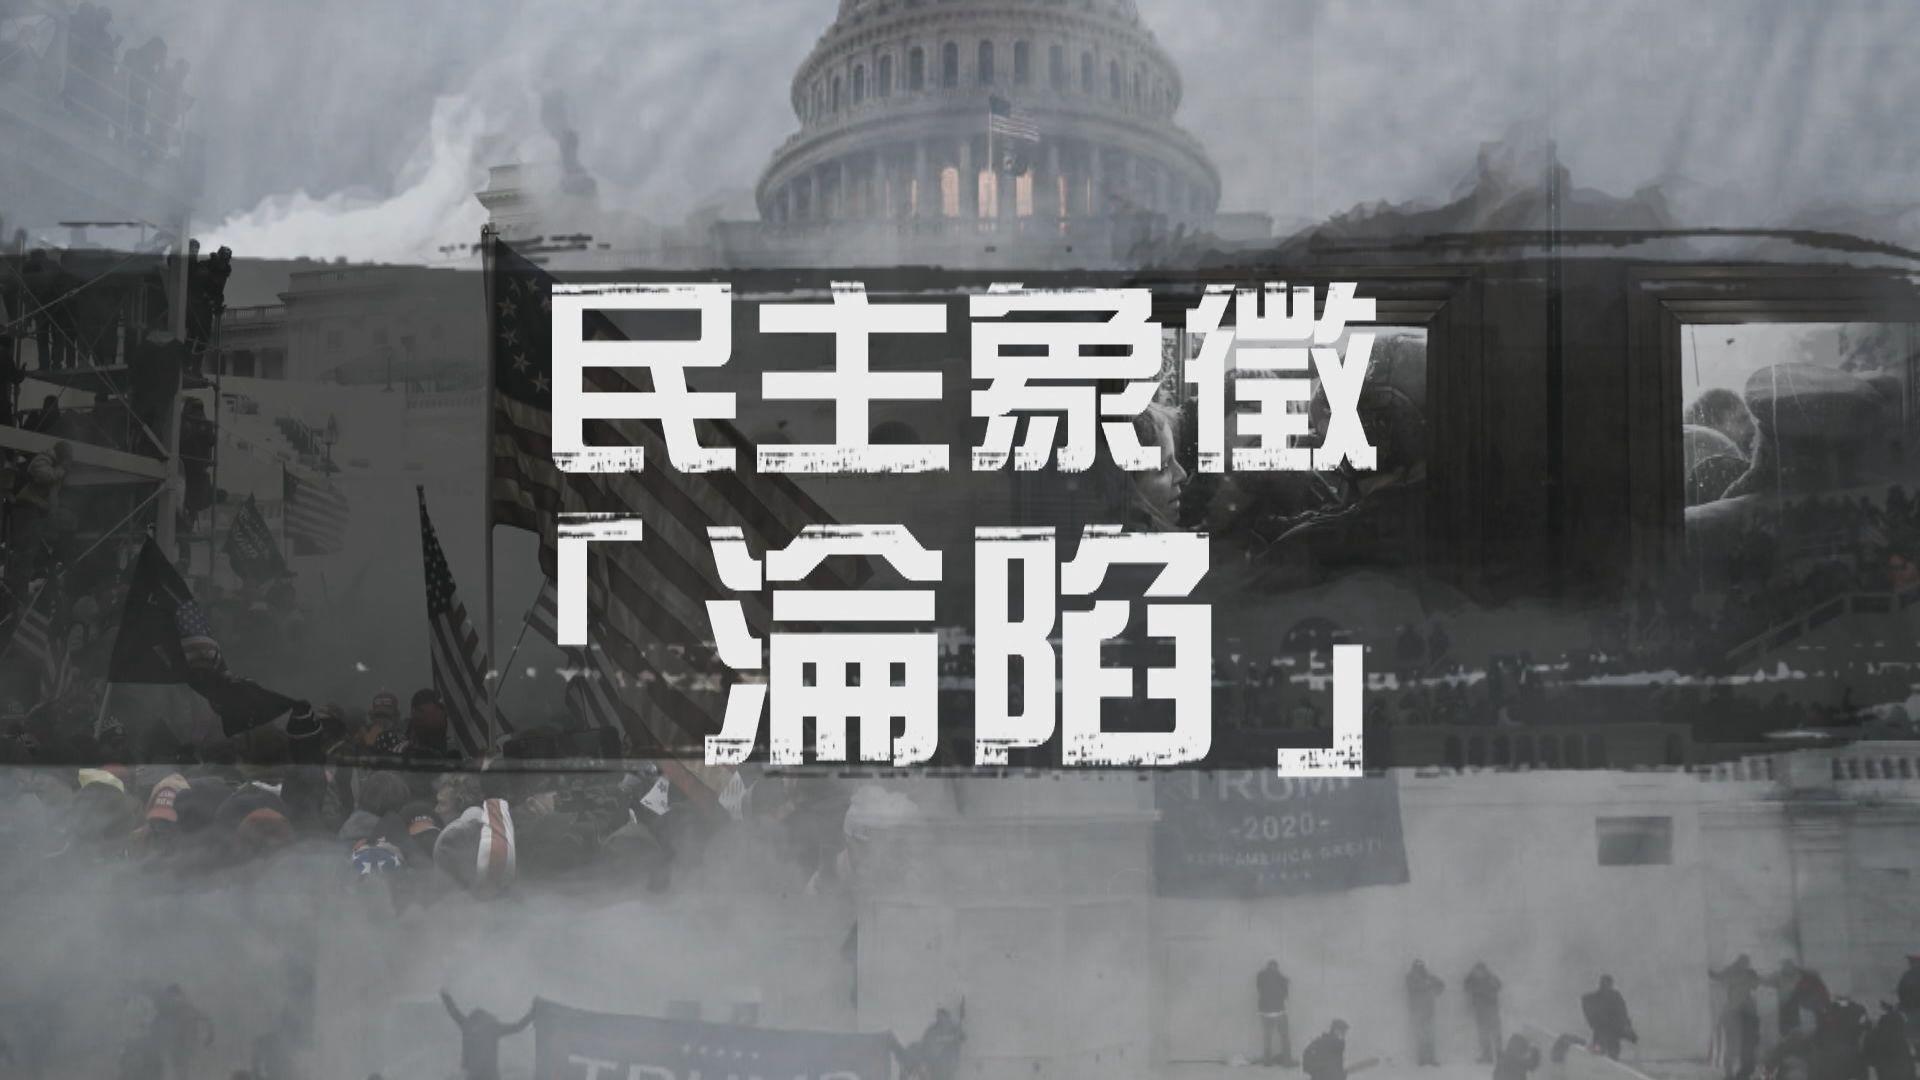 【新聞智庫】美國國會受衝擊 民主象徵「淪陷」?